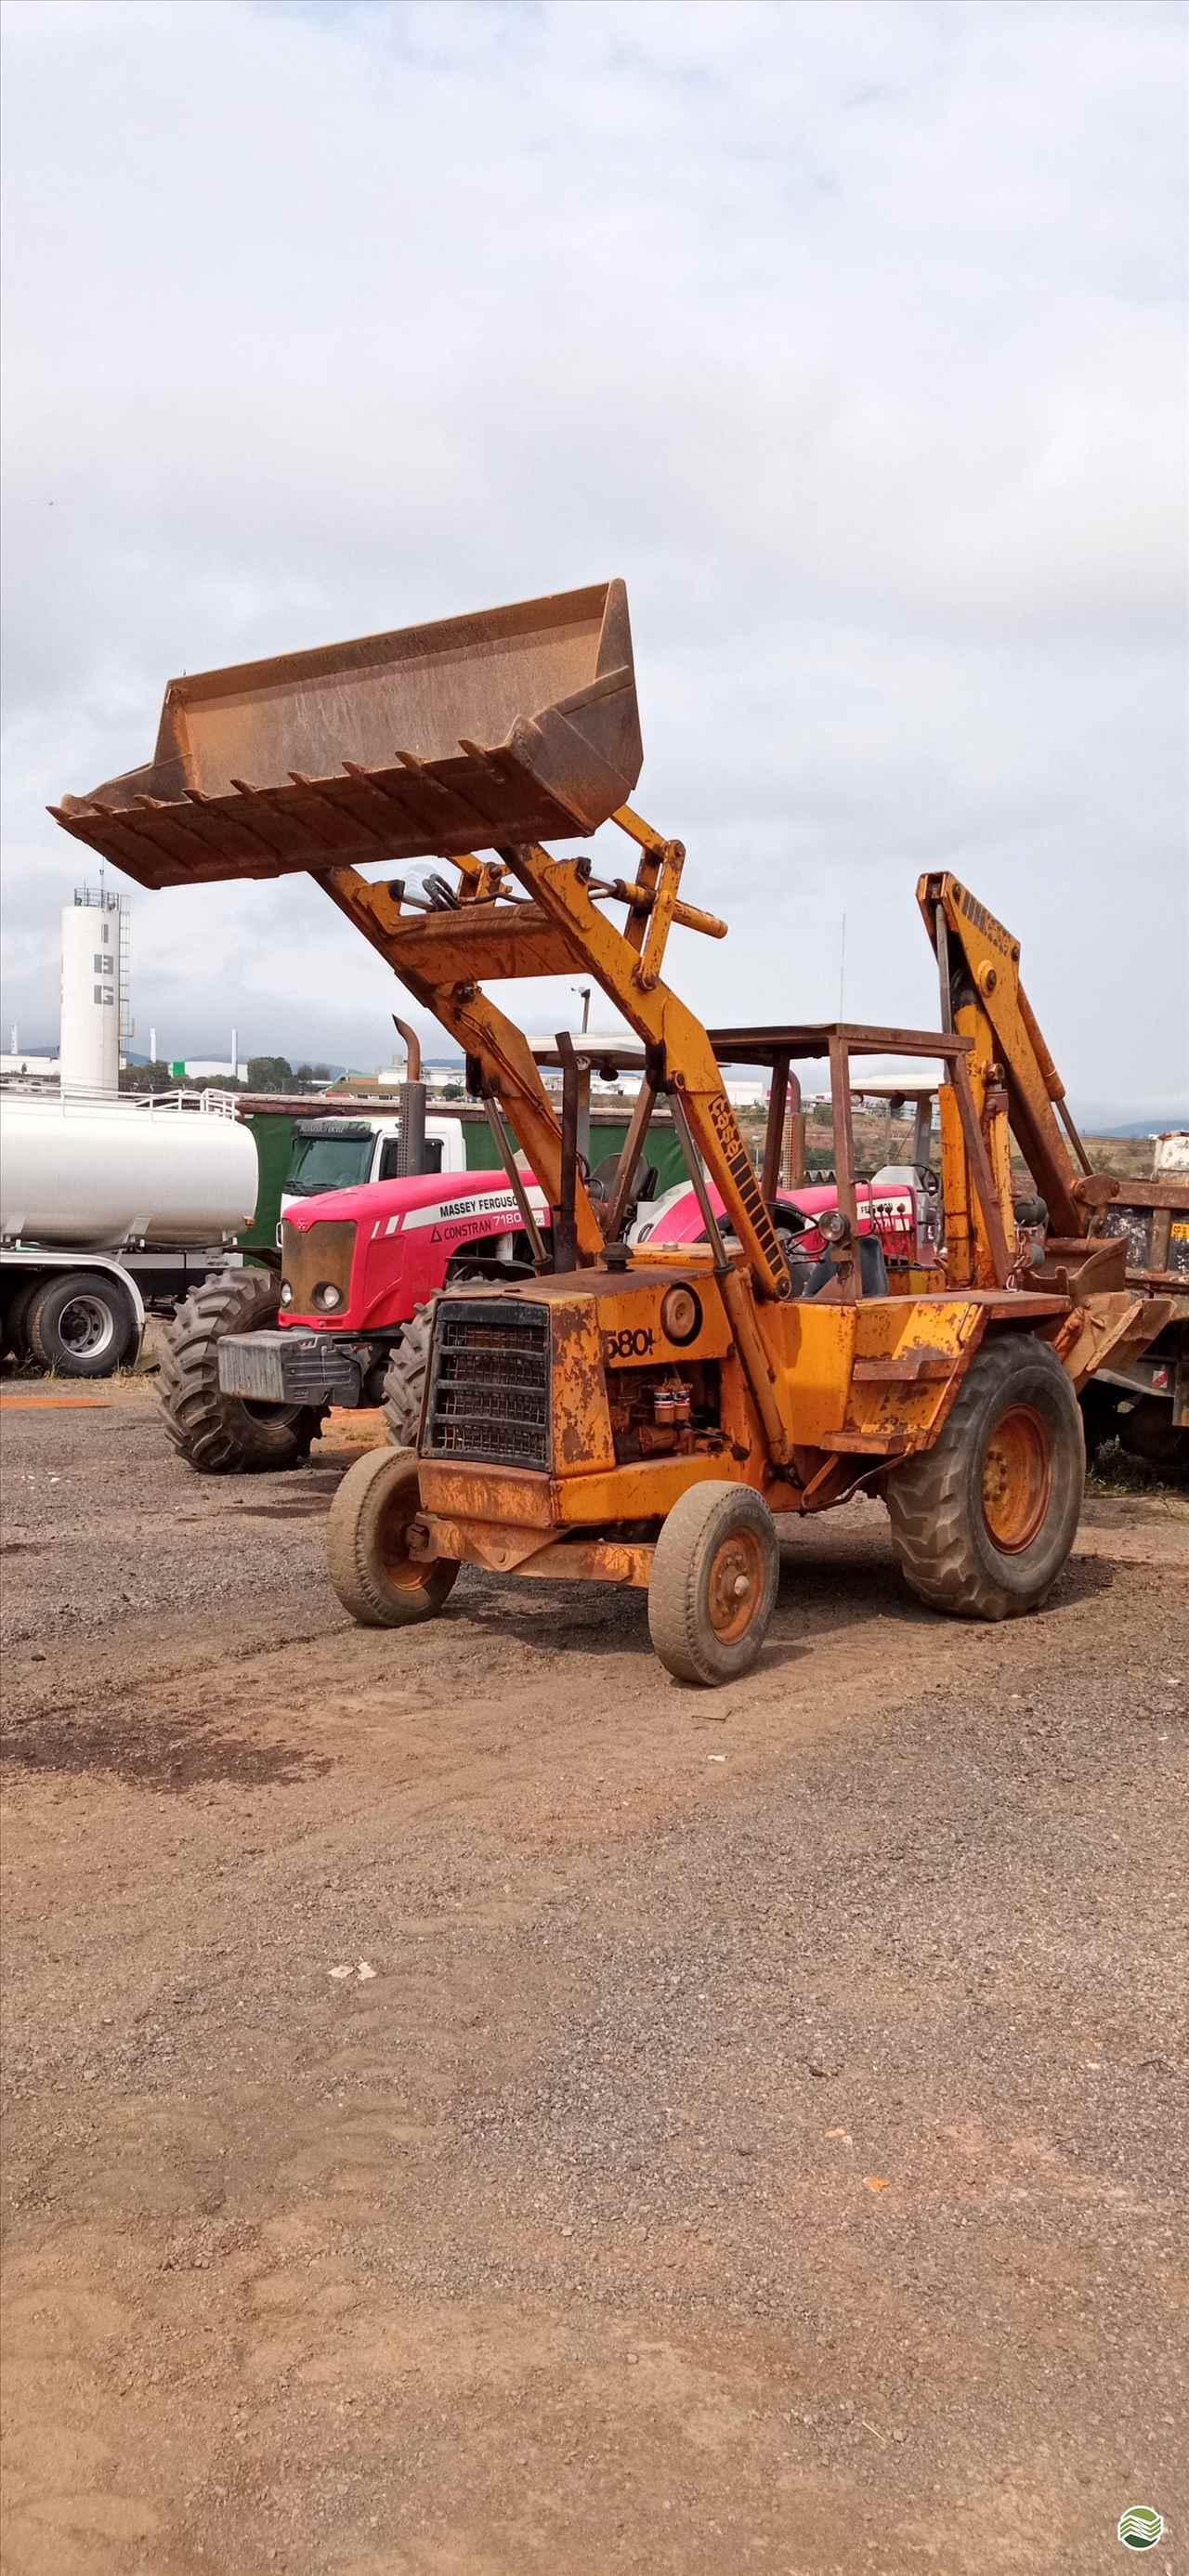 RETRO ESCAVADEIRA CASE 580H Tração 4x2 JLC Máquinas SANTA MERCEDES SÃO PAULO SP